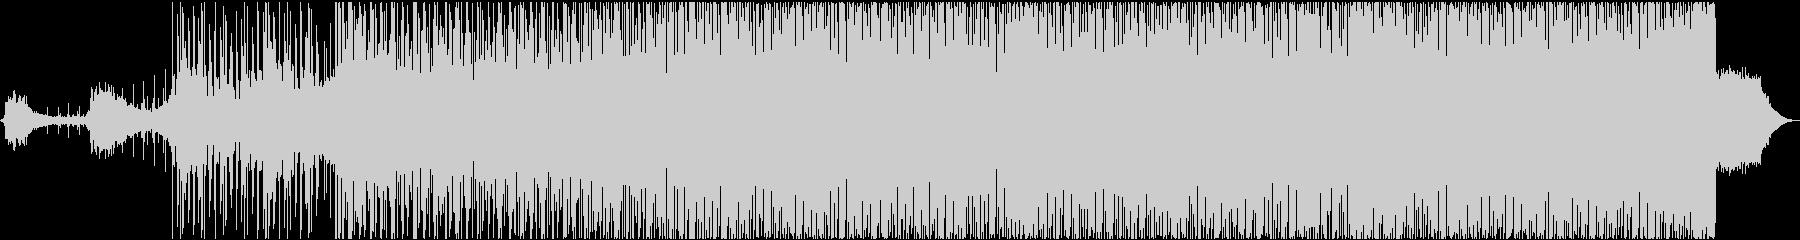 エッジの効いた神秘的電子サウンドの未再生の波形